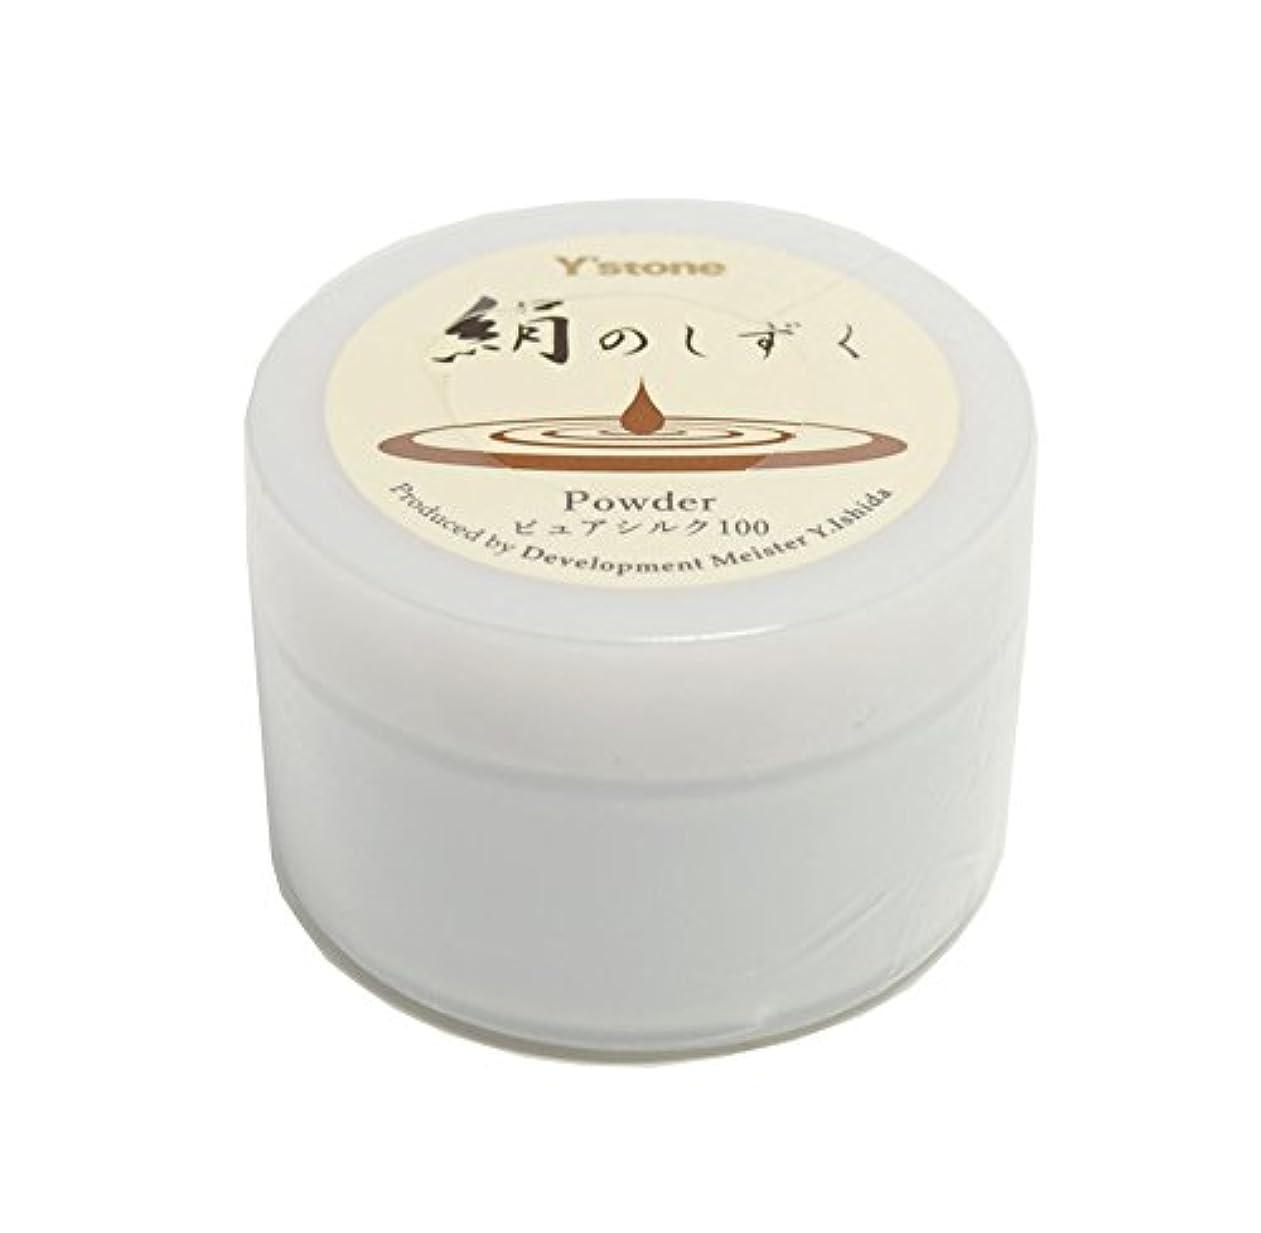 事故通常聞きます絹のしずく シルクパウダー100 8g 国産シルク100% 使用。シルク(まゆ)を丸ごと使用☆自然の日焼けを防ぐ効果が期待